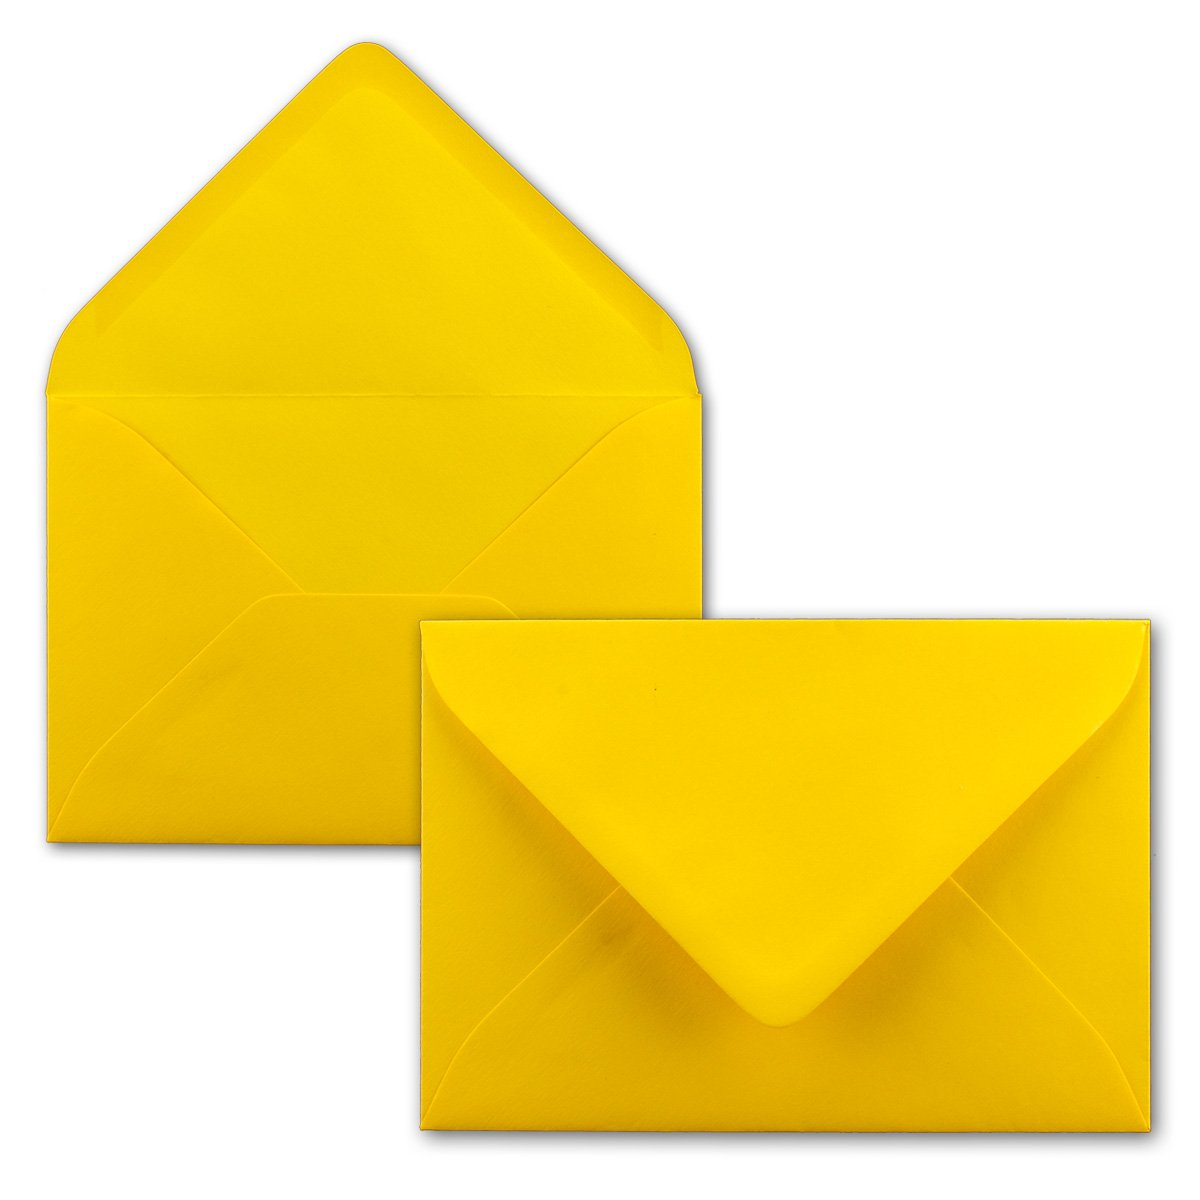 Buste B6–giallo qualità Premium–110G/m²–174x 120mm–molto resistente–nassklebung–qualità marca: Neuser colori vivaci B6 honiggelb